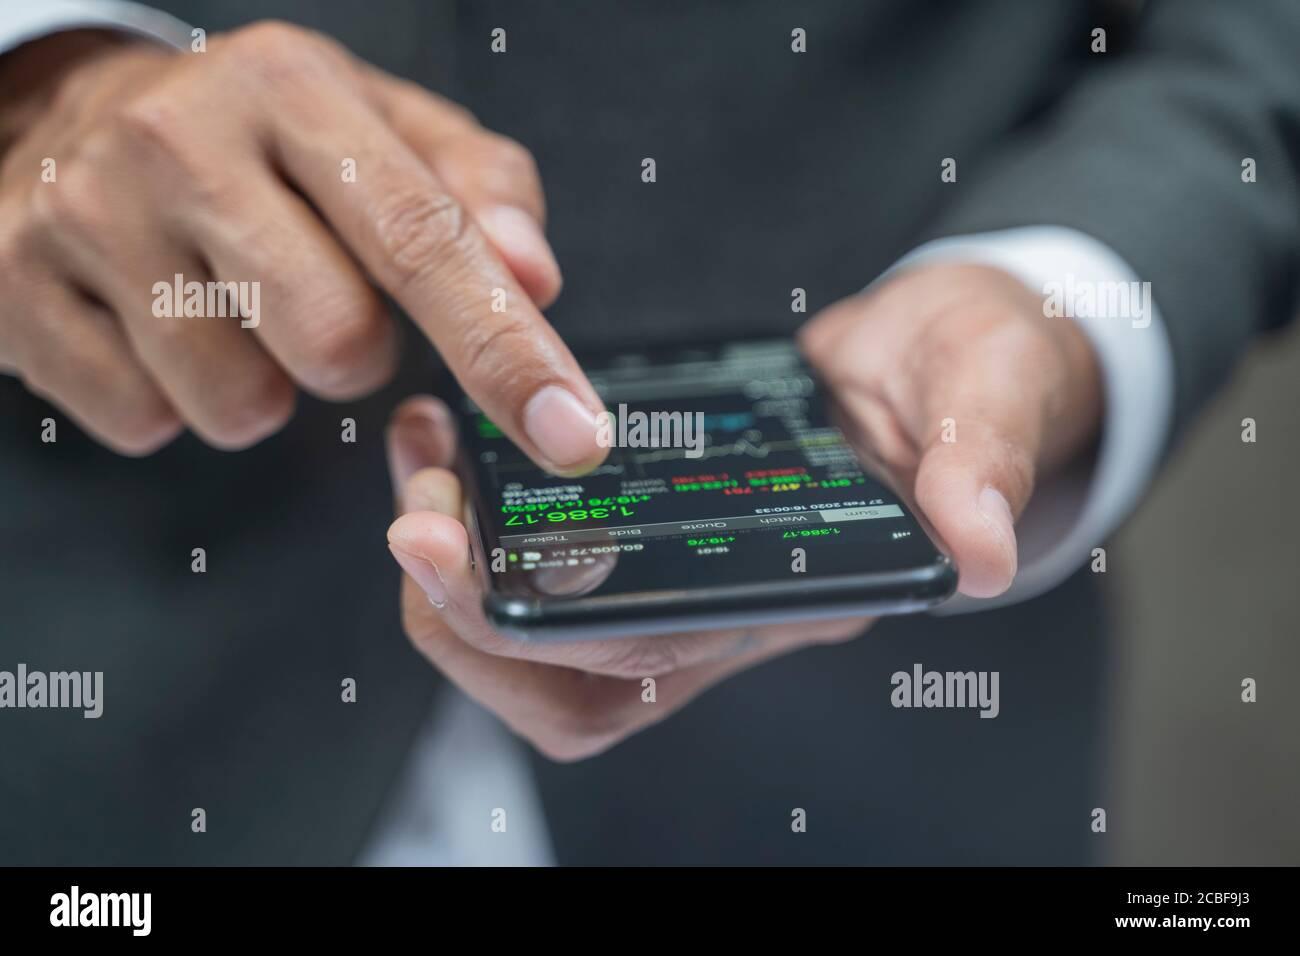 Gros plan des mains humaines vérifiant les tableaux financiers sur. Banque D'Images